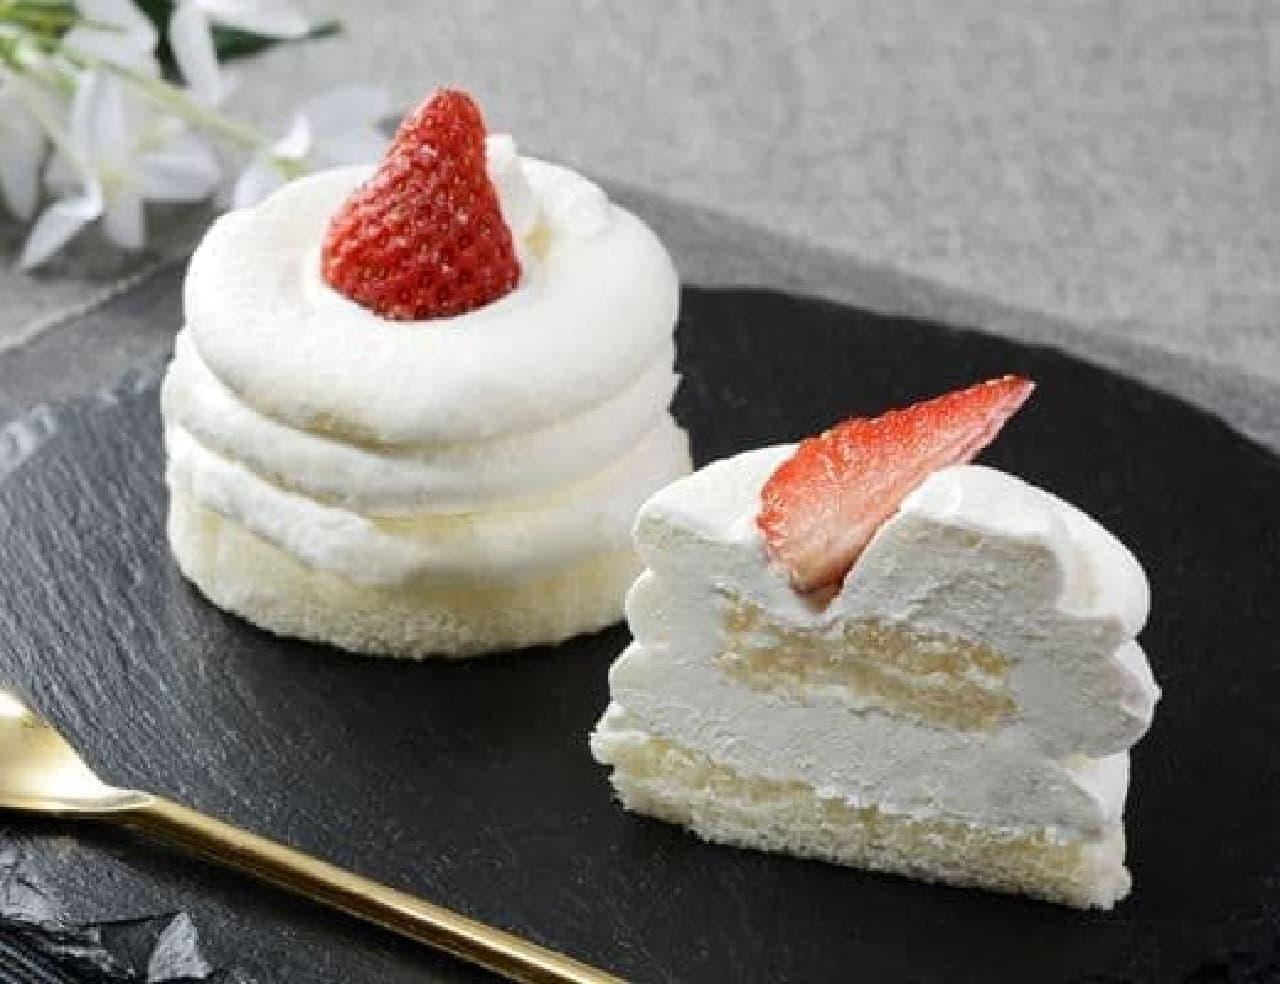 ローソン「Uchi Cafe Specialite 絹白クリームの苺ショート」